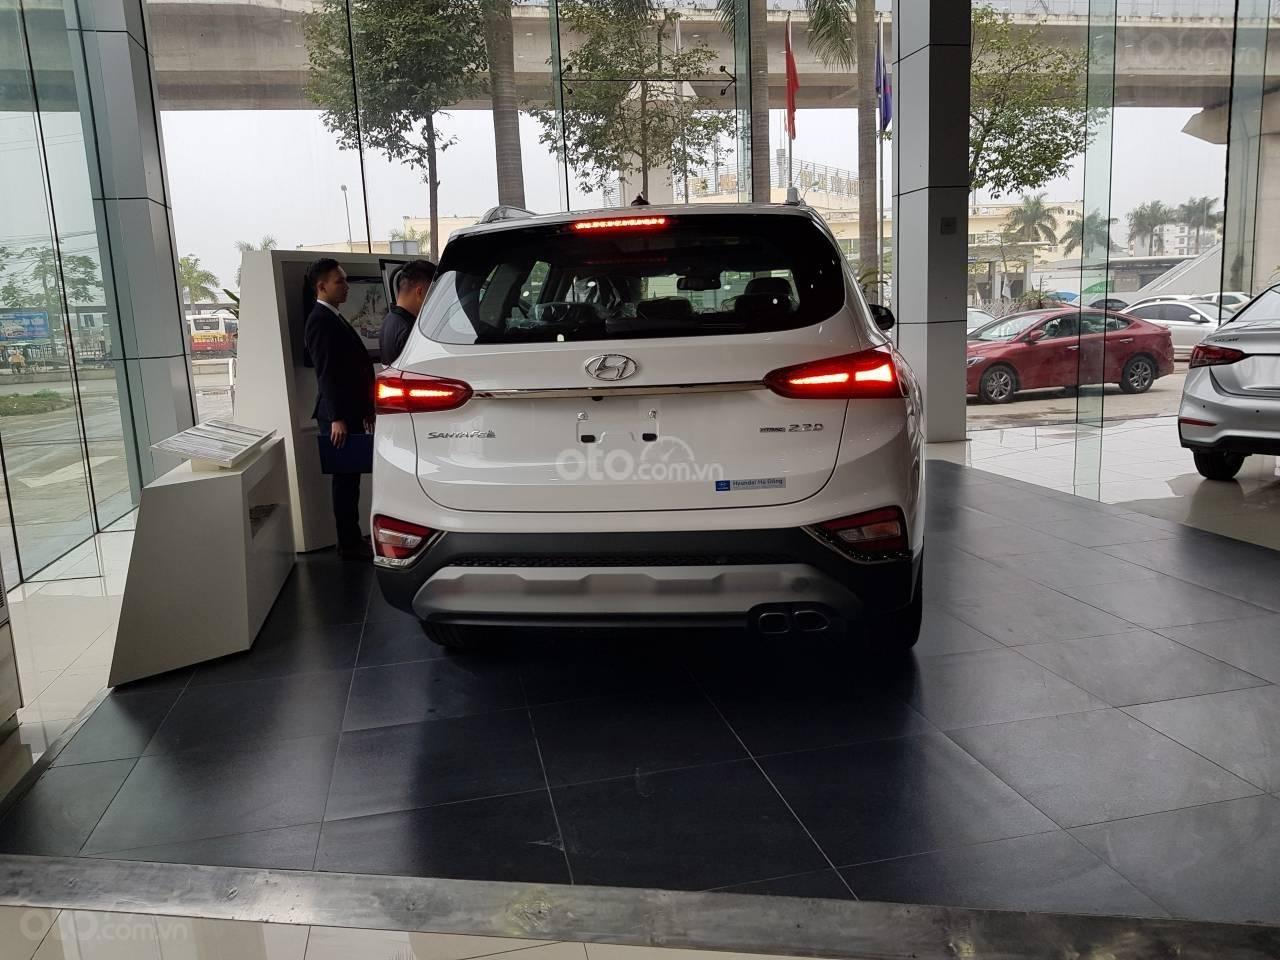 Bán Hyundai Santa Fe 2019, giao xe ngay, khuyến mại cực cao, liên hệ ngay 0981476777 để ép giá và nhận ưu đãi-4